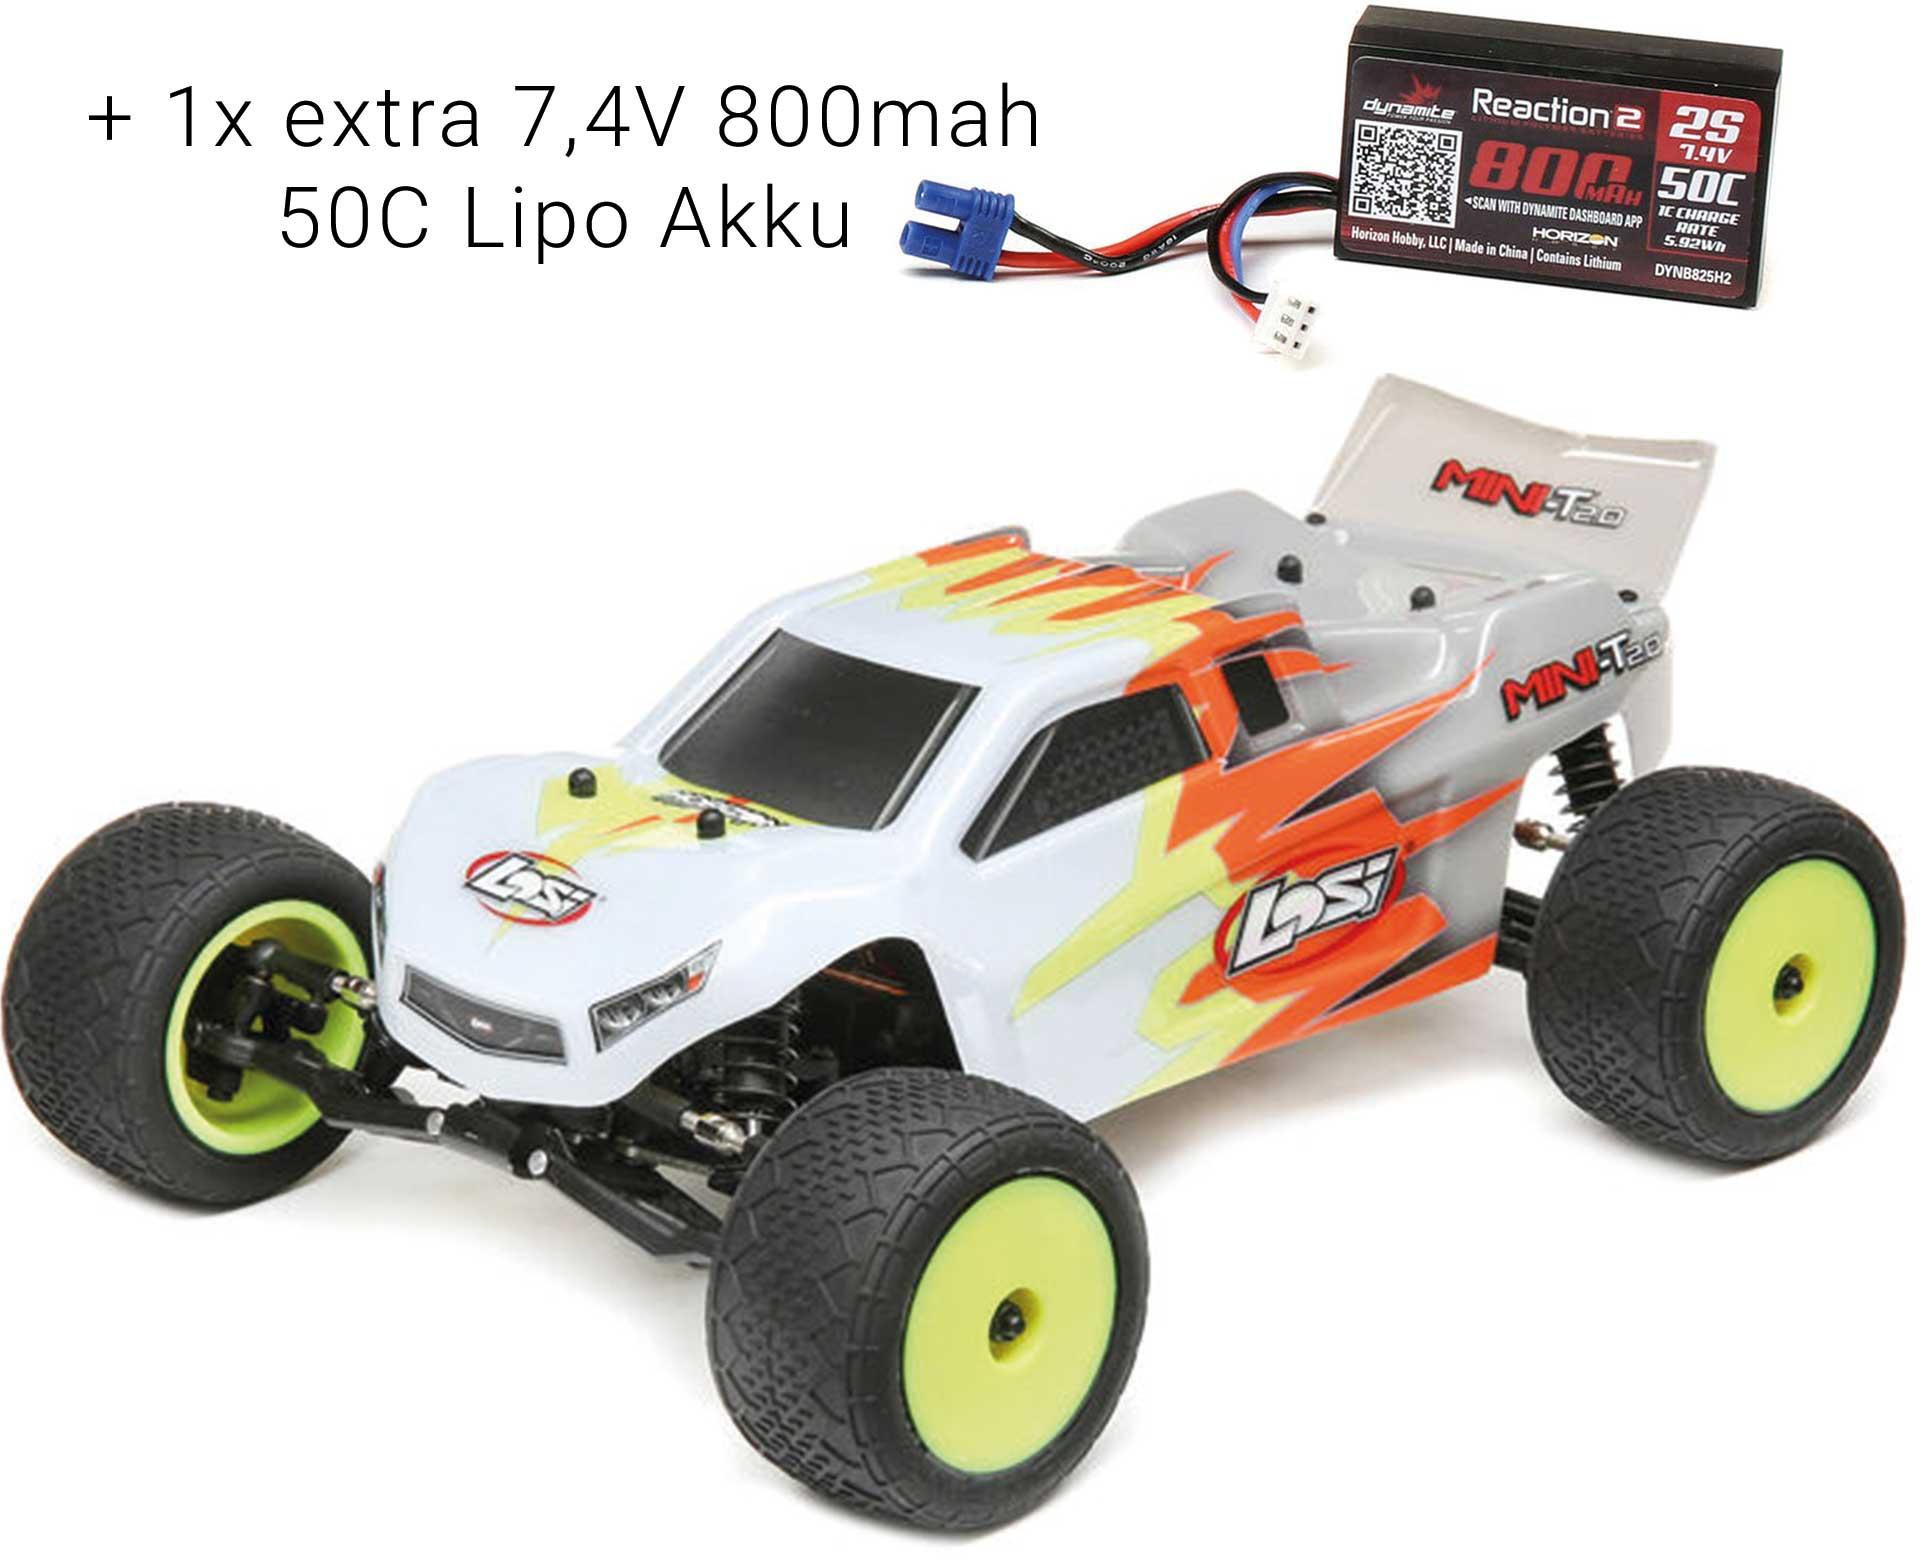 LOSI Mini-T 2.0 1/18 2WD RTR Brushed Grau/Weiß + 1x extra 7,4V 800mah 50 Lipo Akku *SVR*